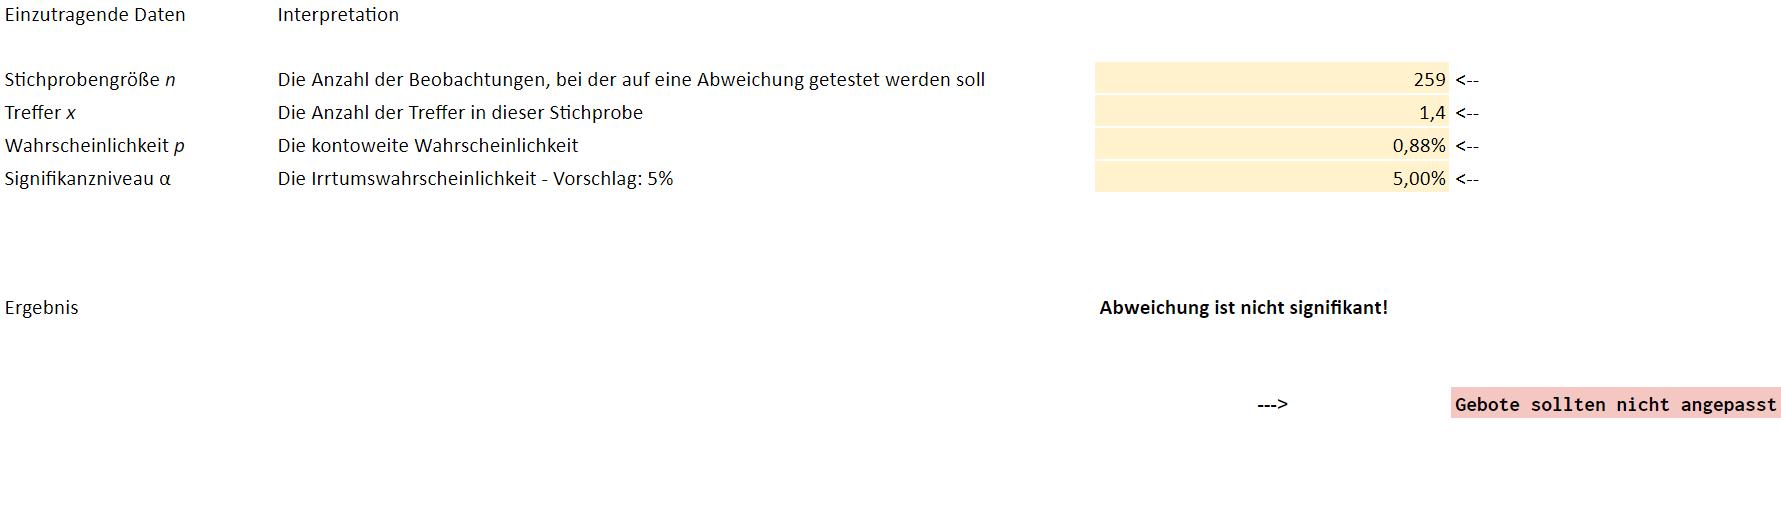 Screenshot des Excel Sheets zur Signifikanztest der Stichproben